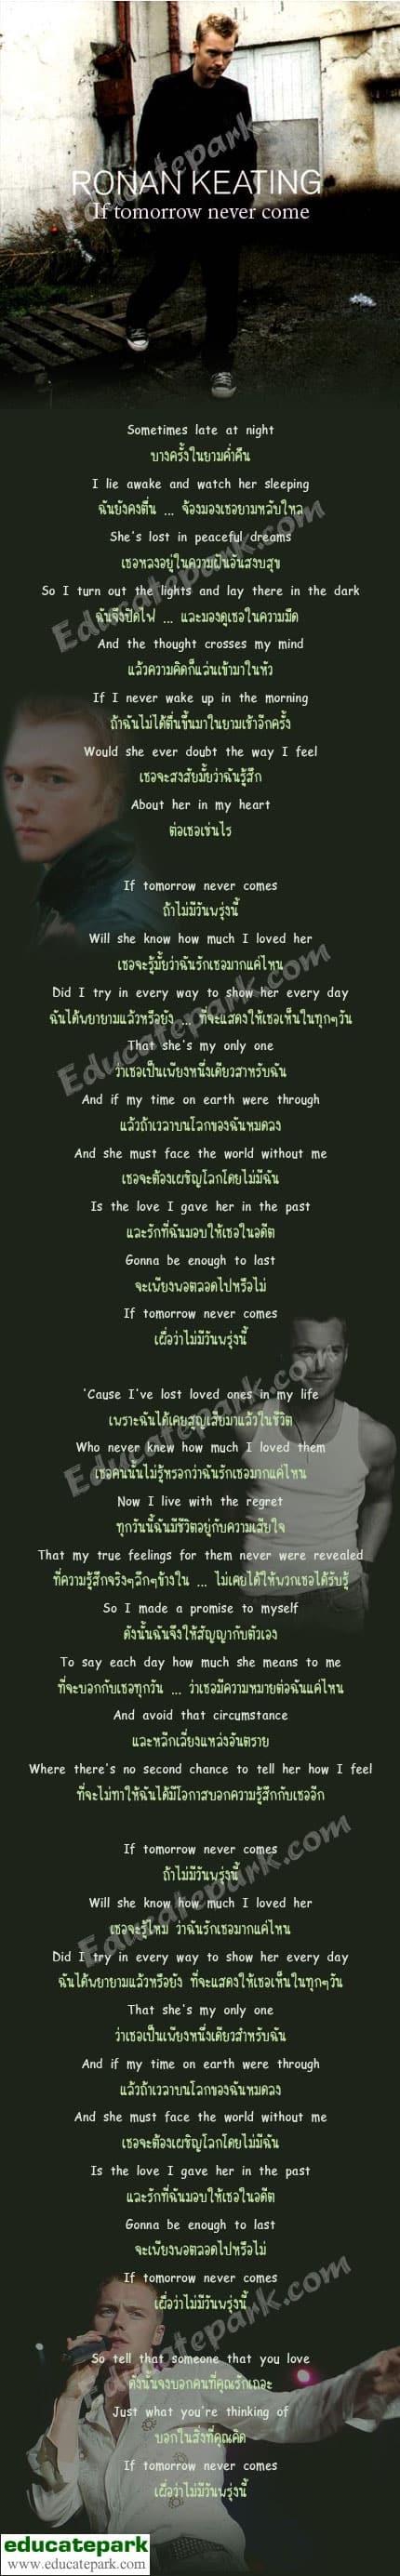 แปลเพลง If Tomorrow Never Comes - Ronan Keating